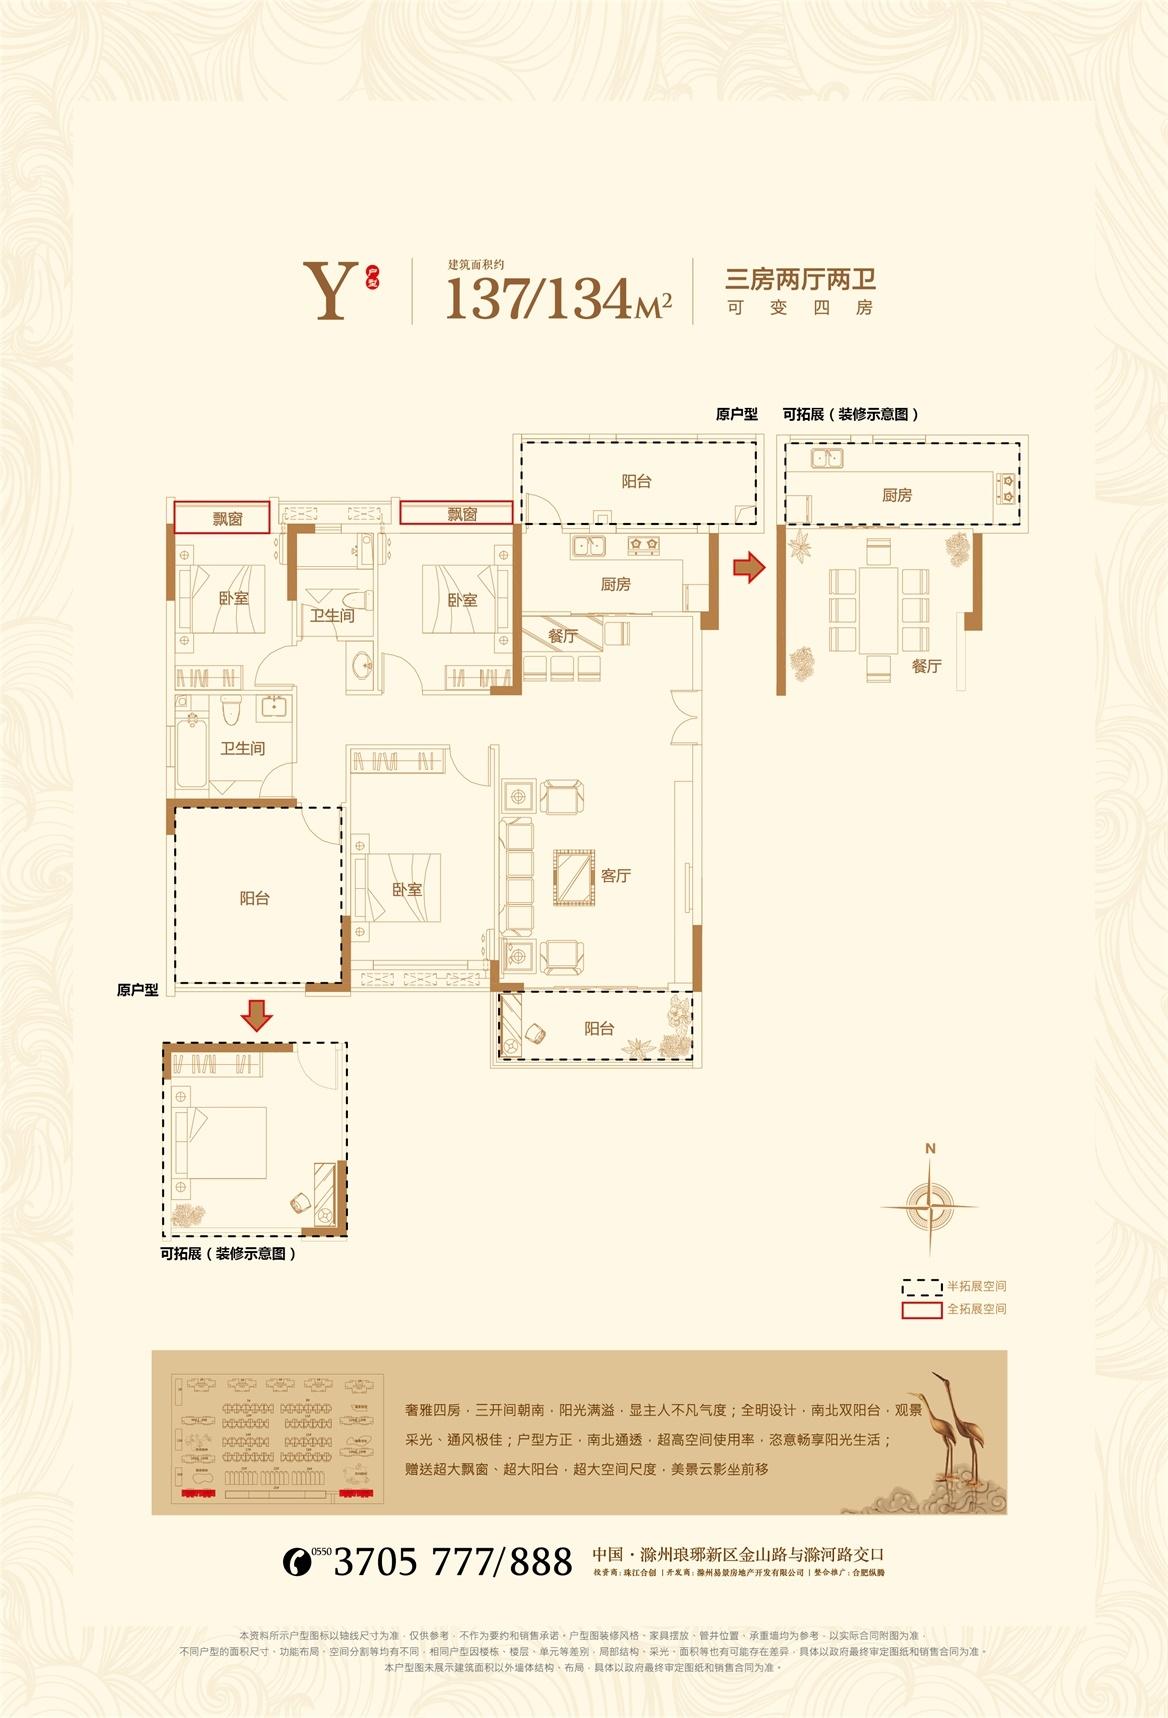 珠江和院 建面137平方洋房(该户型图只做户型结构参考,不做面积定义)